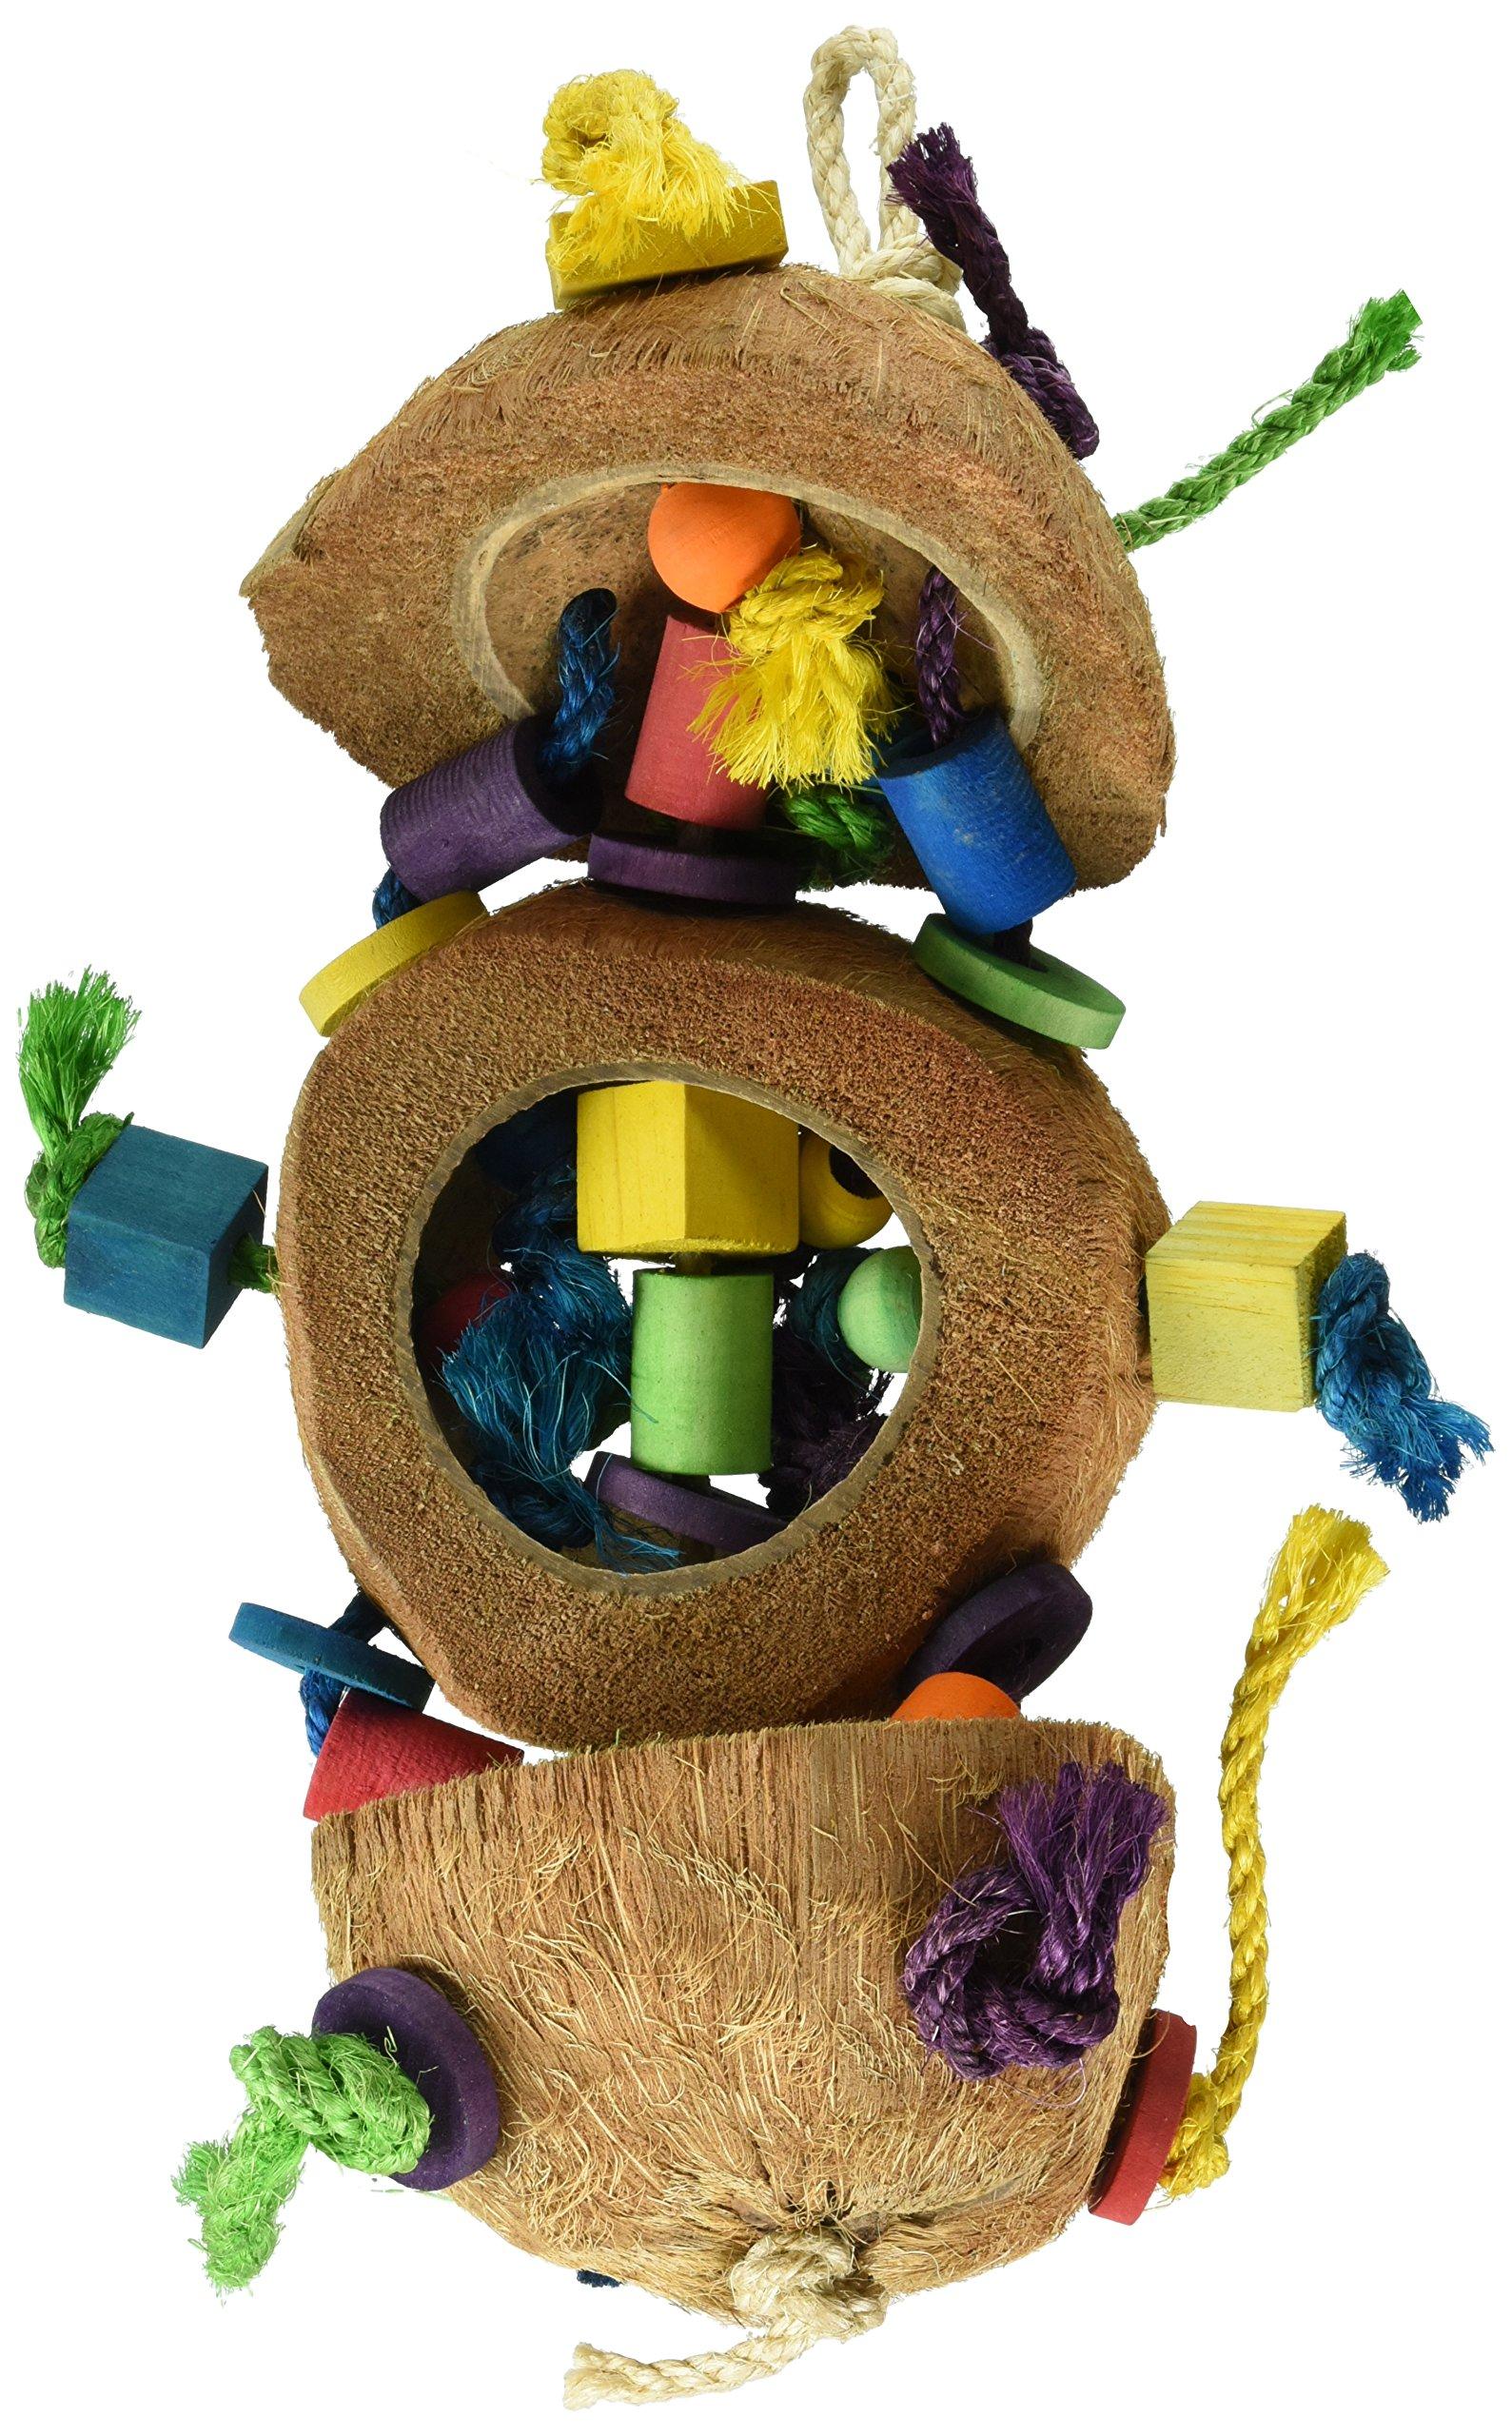 Penn Plax BA1870 Coconut Kabob with Wood & Sisal Pet Collar by Penn Plax